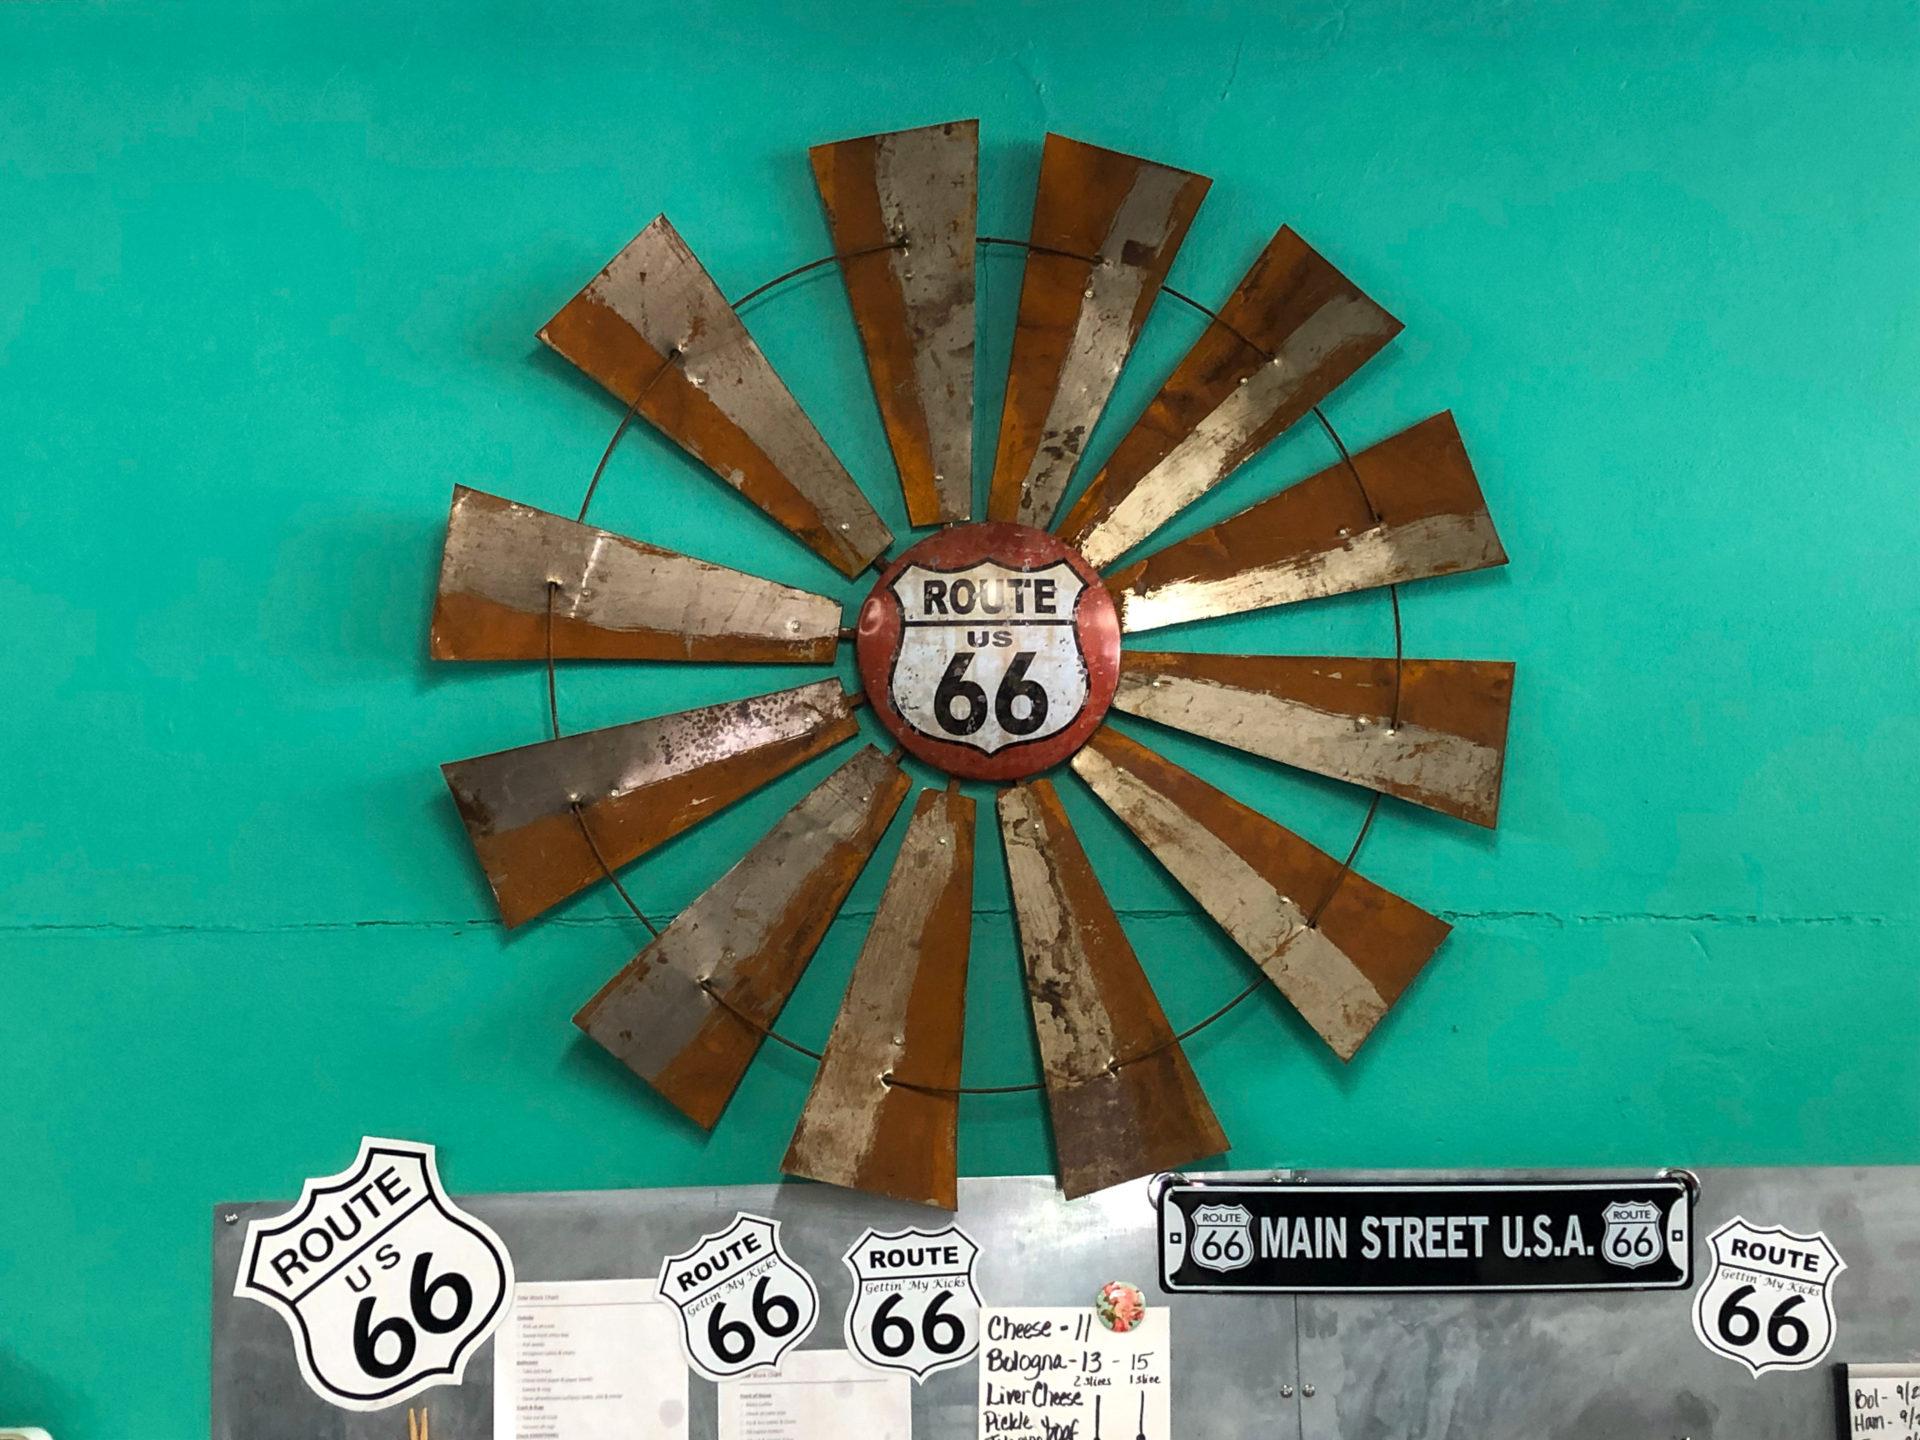 Ausgemustertes Windrad in einer Imbissbude in Cuba, Missouri